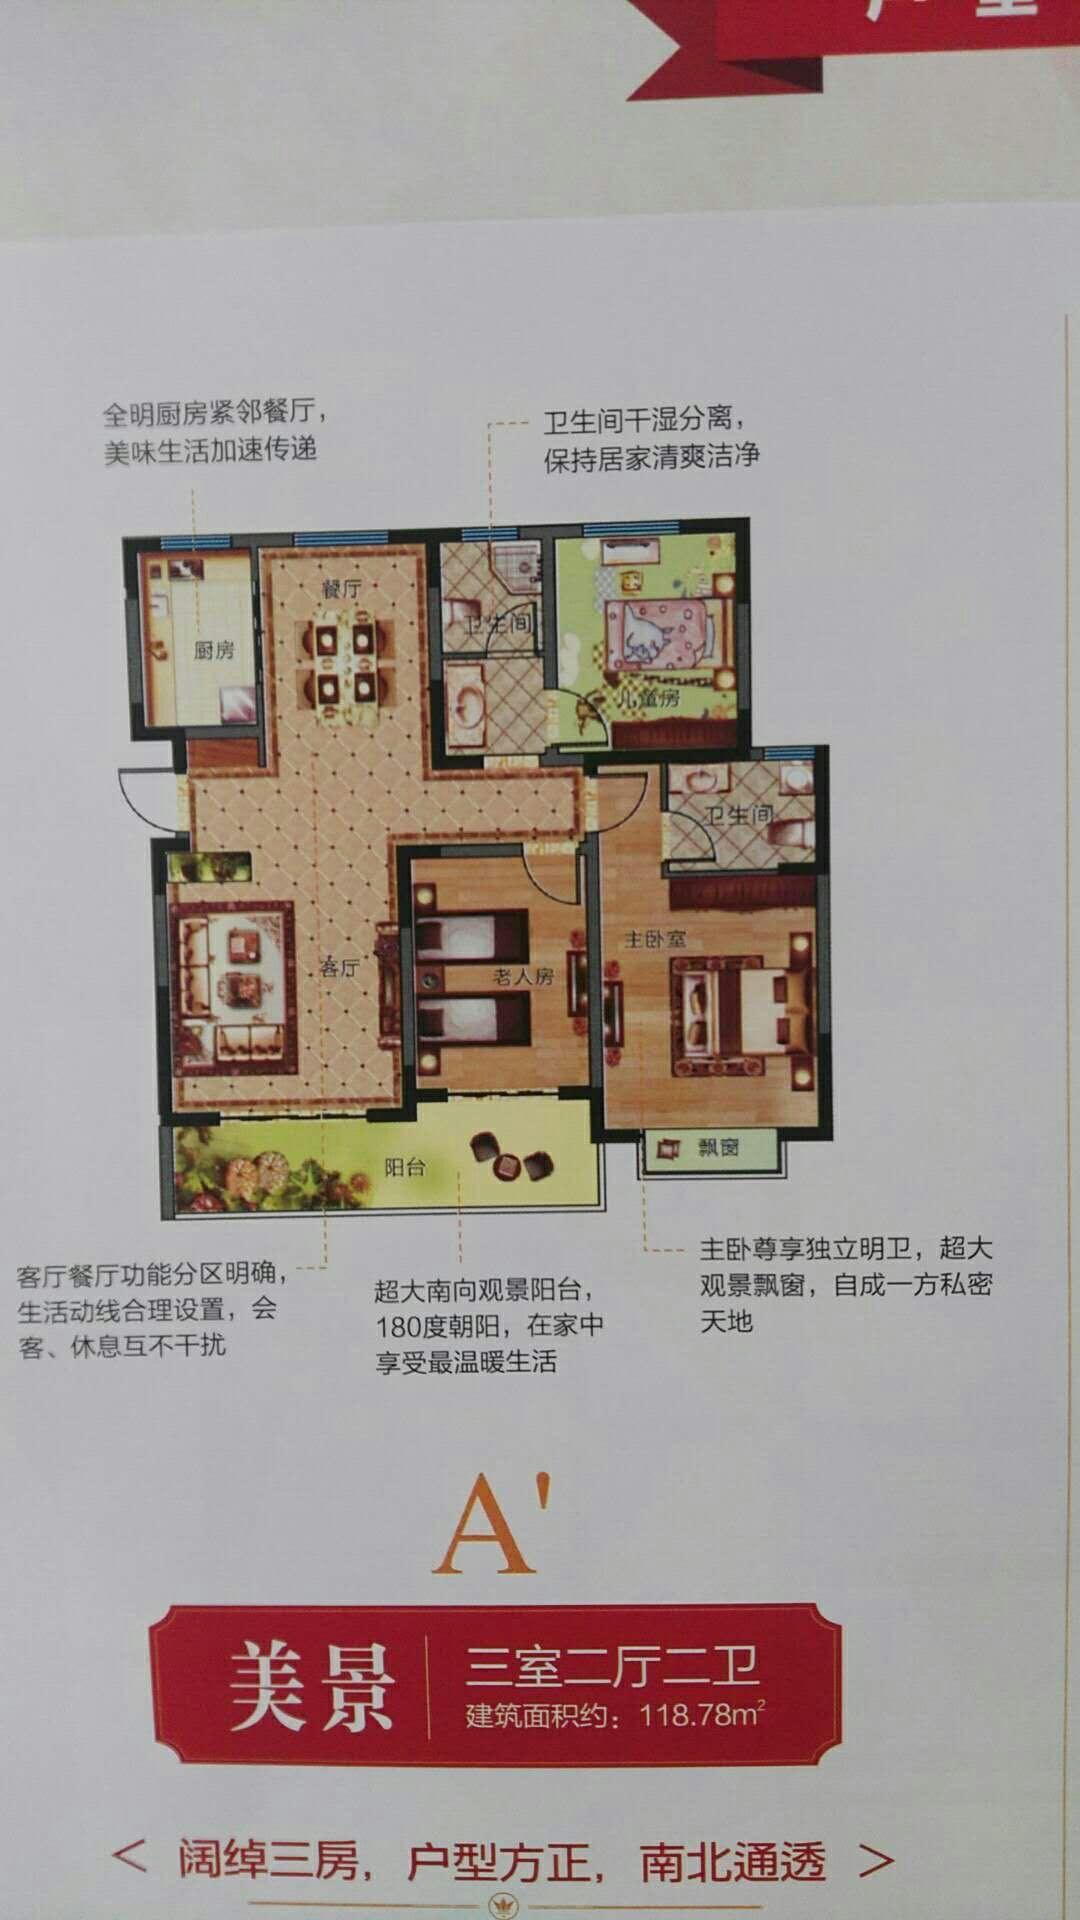 汇锦·伊顿公馆3室 2厅 2卫71万元